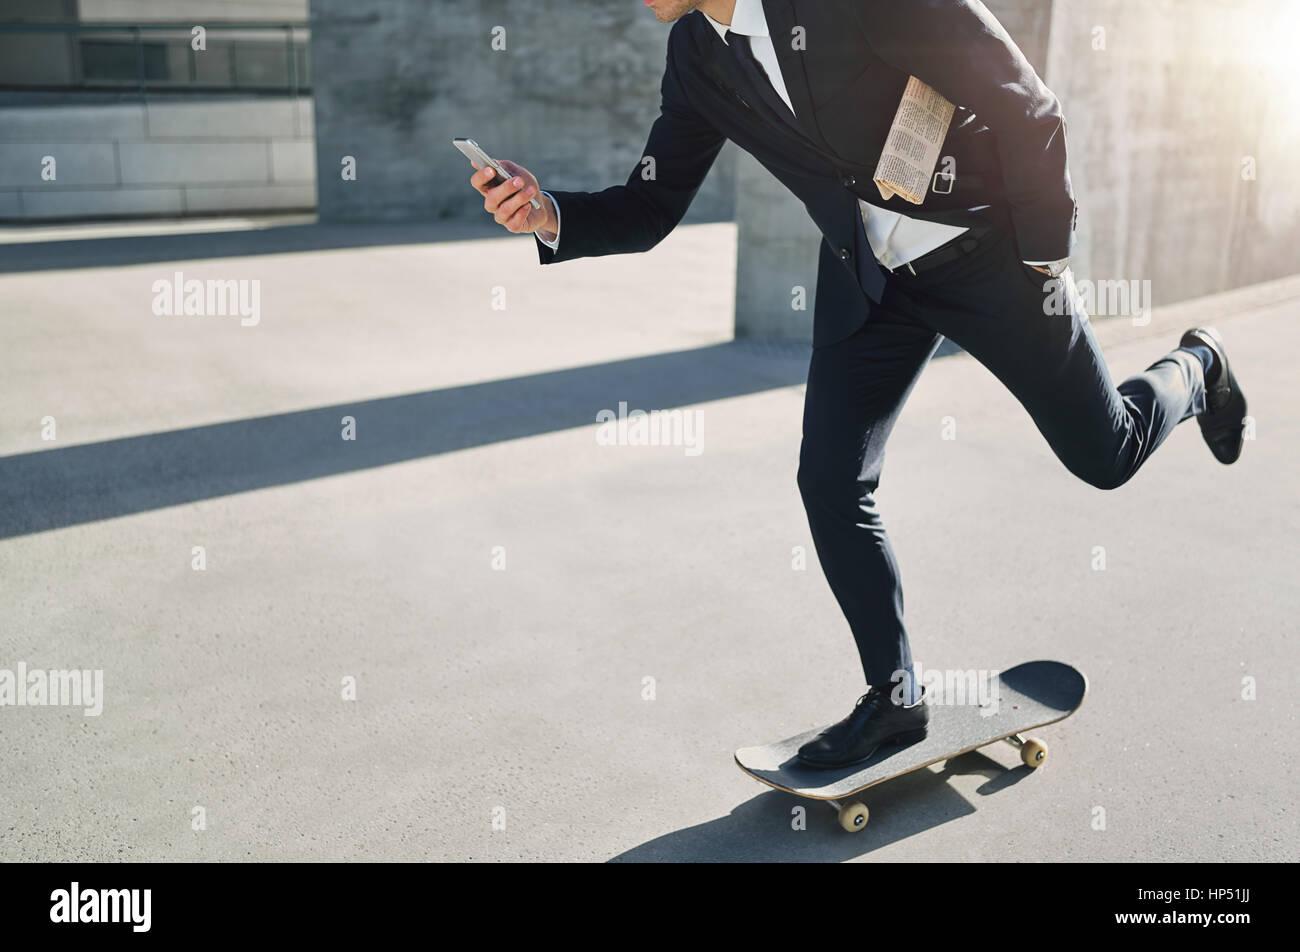 Vue de face d'un homme d'affaires sur un skateboard en regardant son téléphone en déménagement Photo Stock